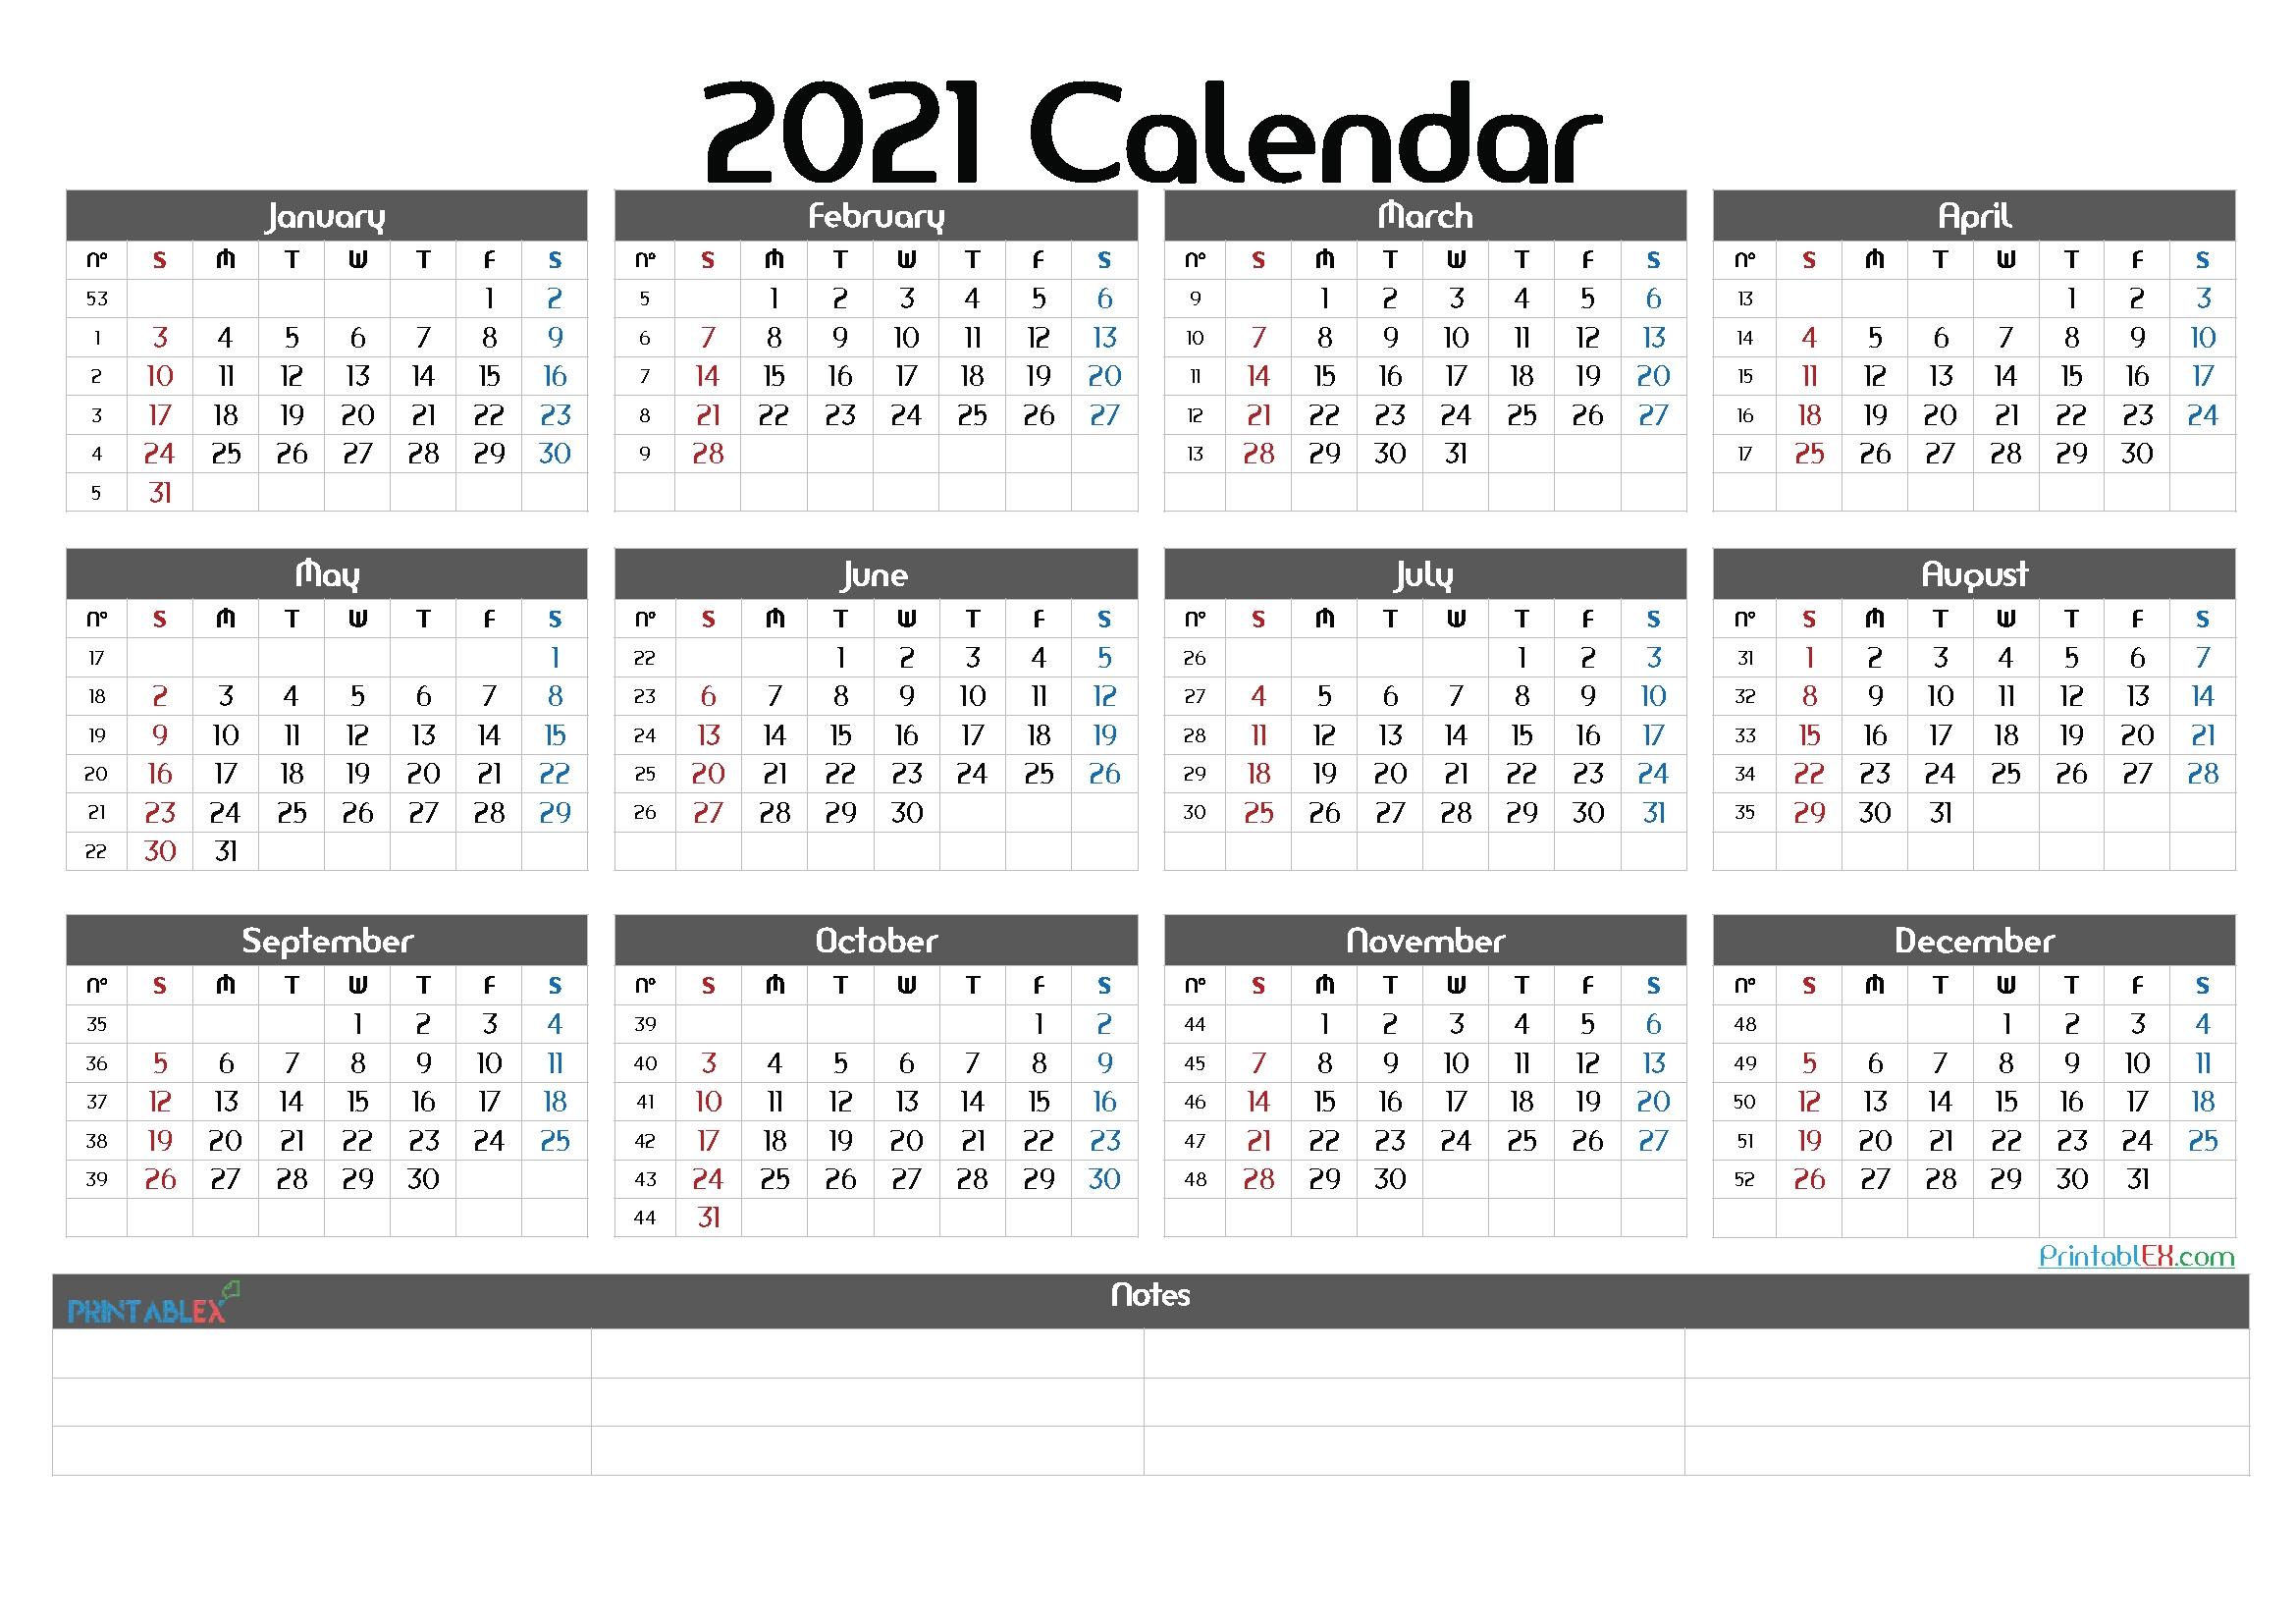 2021 Calendar With Week Number Printable Free : Free Free